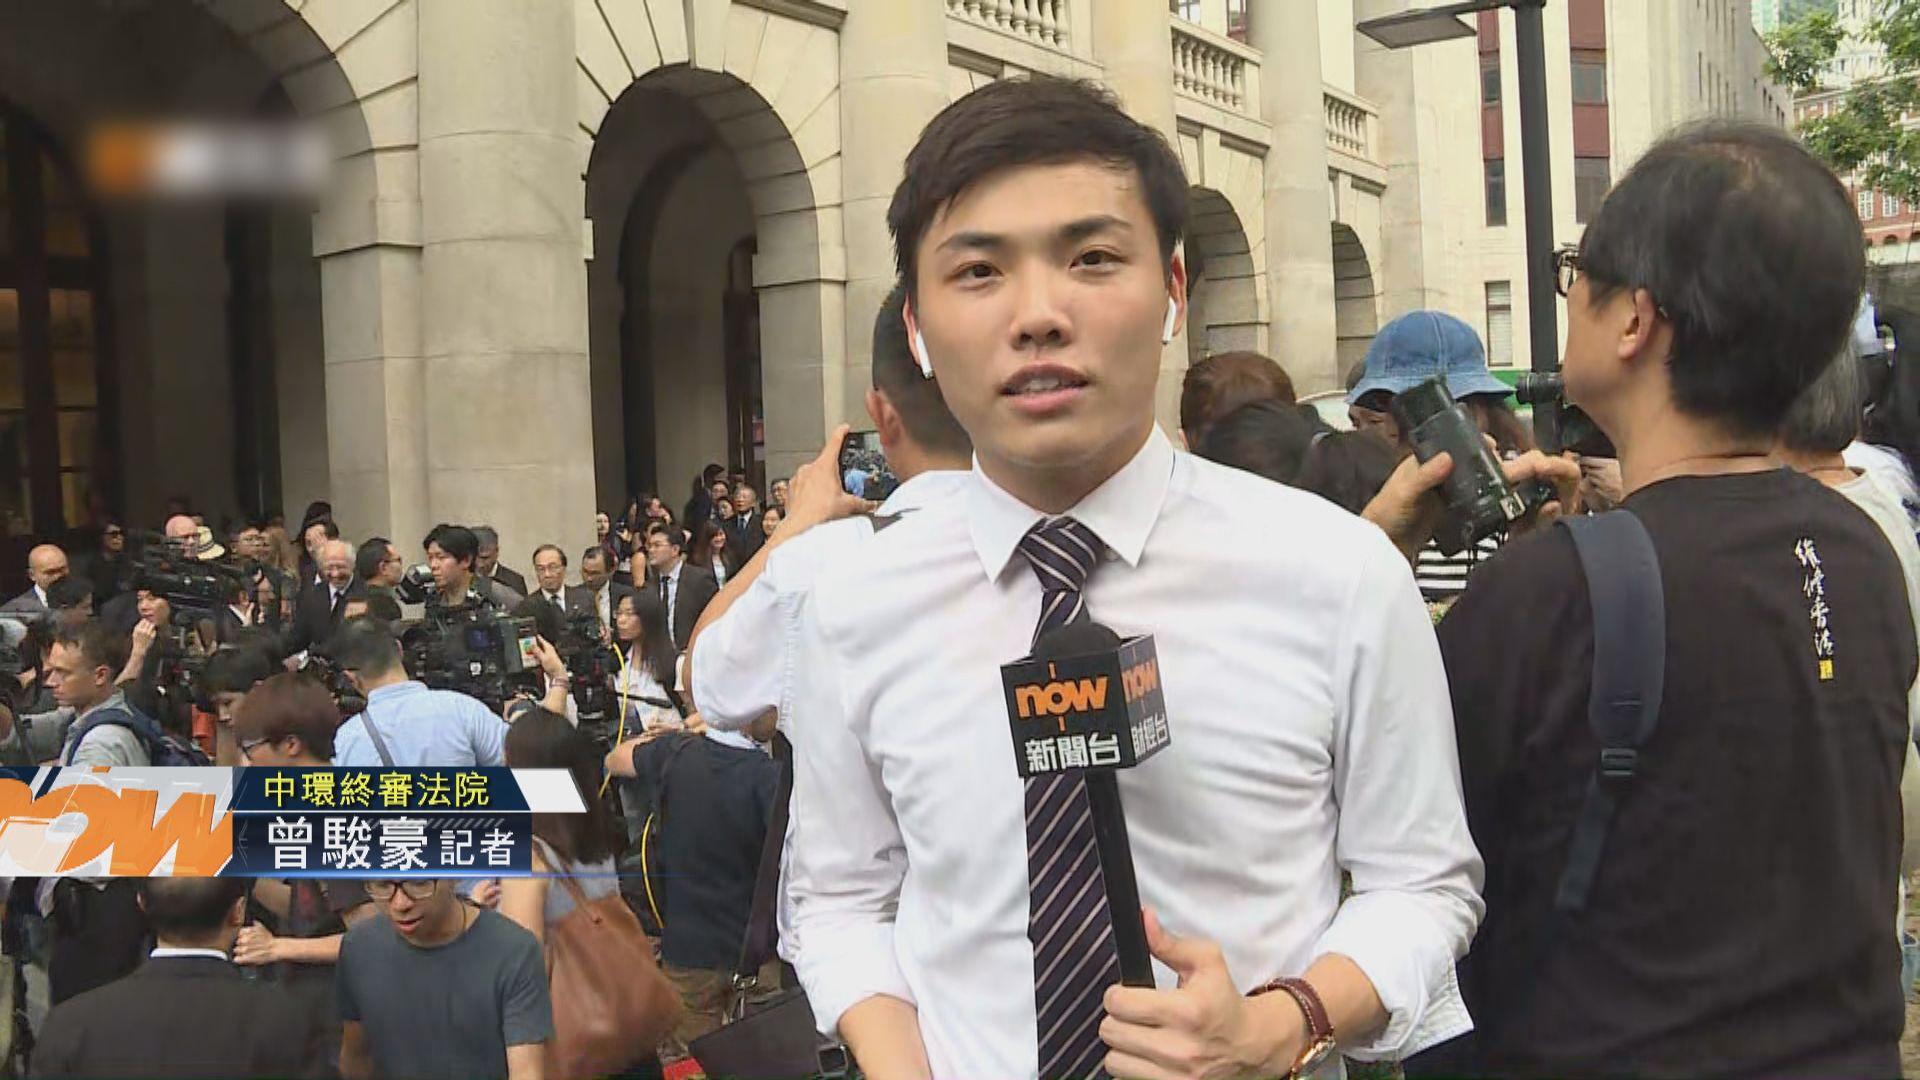 【最新】法律界反逃犯修例黑衣遊行現場